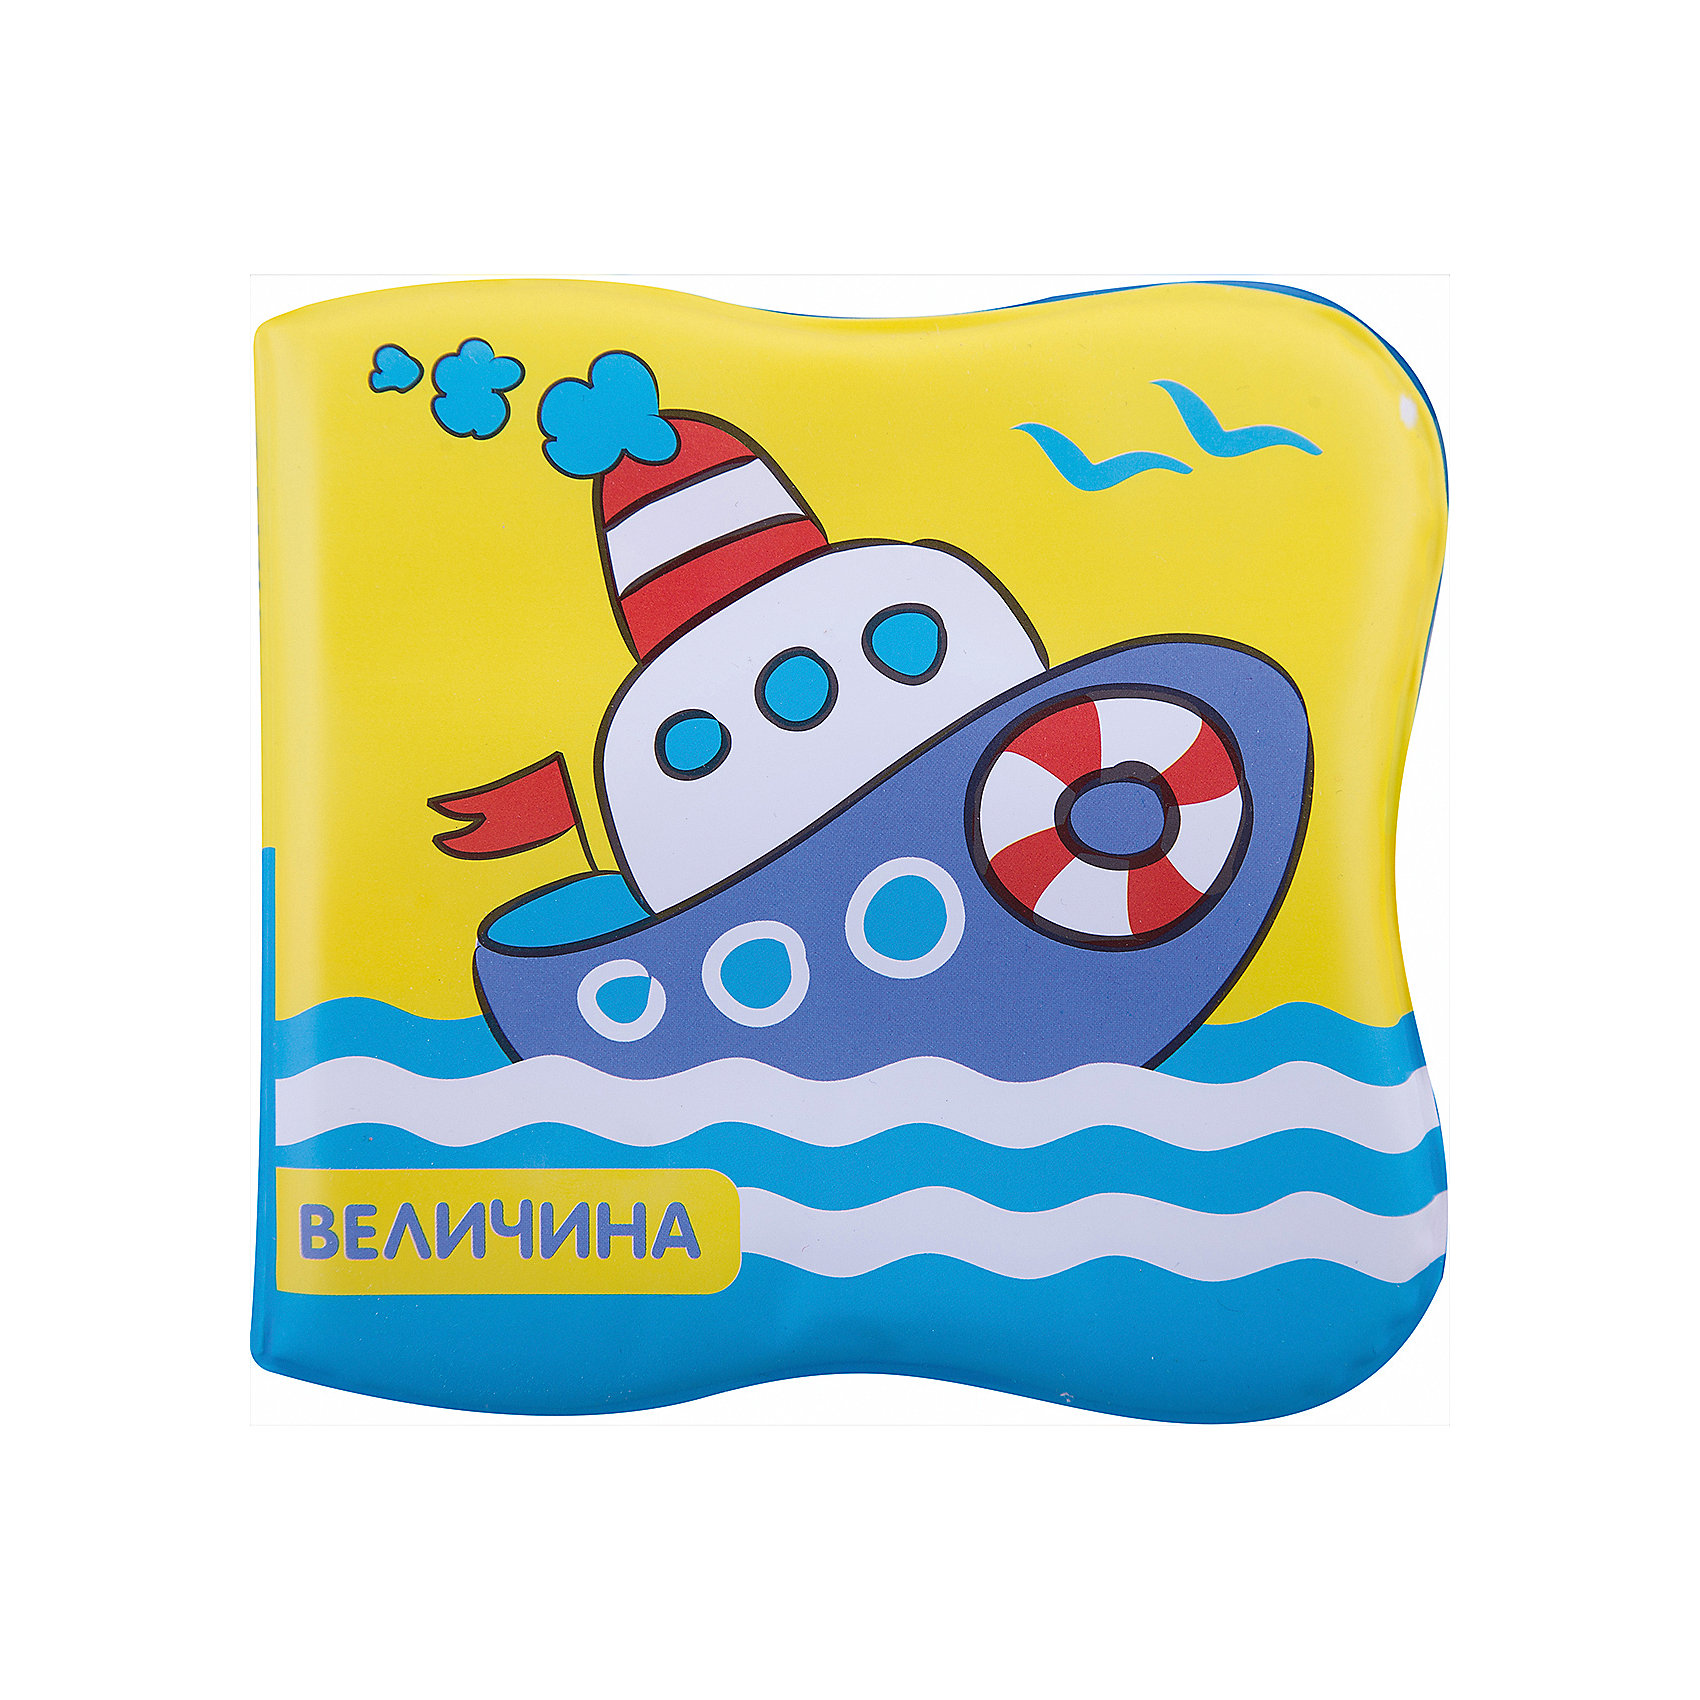 Книжка для ванной Кораблик, КупашкиИгрушки ПВХ<br>Характеристики книжки для ванной Кораблик: <br><br>• возраст: до 3 лет<br>• пол: для мальчиков и девочек<br>• материал: мягкий моющийся материал.<br>• количество страниц: 6.<br>• размер игрушки: 12.5 х 12.7 х 2 см.<br>• упаковка: пакет с хедером.<br>• иллюстрации: цветные.<br>• тип обложки: мягкий.<br>• бренд: Мозаика-Синтез<br>• страна обладатель бренда: Россия.<br><br>Эта замечательная книжка от торговой марки Мозаика Синтез создана специально для малышей. Не все дети любят купаться, а с этой игрушкой, которая издает забавный писк, купание превратится в увлекательную игру. Родители могут прочитать ребенку стихотворения, напечатанные на страницах, благодаря которым он познакомится с понятием Величина.<br><br>Книжку для ванной Кораблик торговой марки Мозаика Синтез можно купить в нашем интернет-магазине.<br><br>Ширина мм: 20<br>Глубина мм: 127<br>Высота мм: 125<br>Вес г: 37<br>Возраст от месяцев: 0<br>Возраст до месяцев: 36<br>Пол: Унисекс<br>Возраст: Детский<br>SKU: 5362910